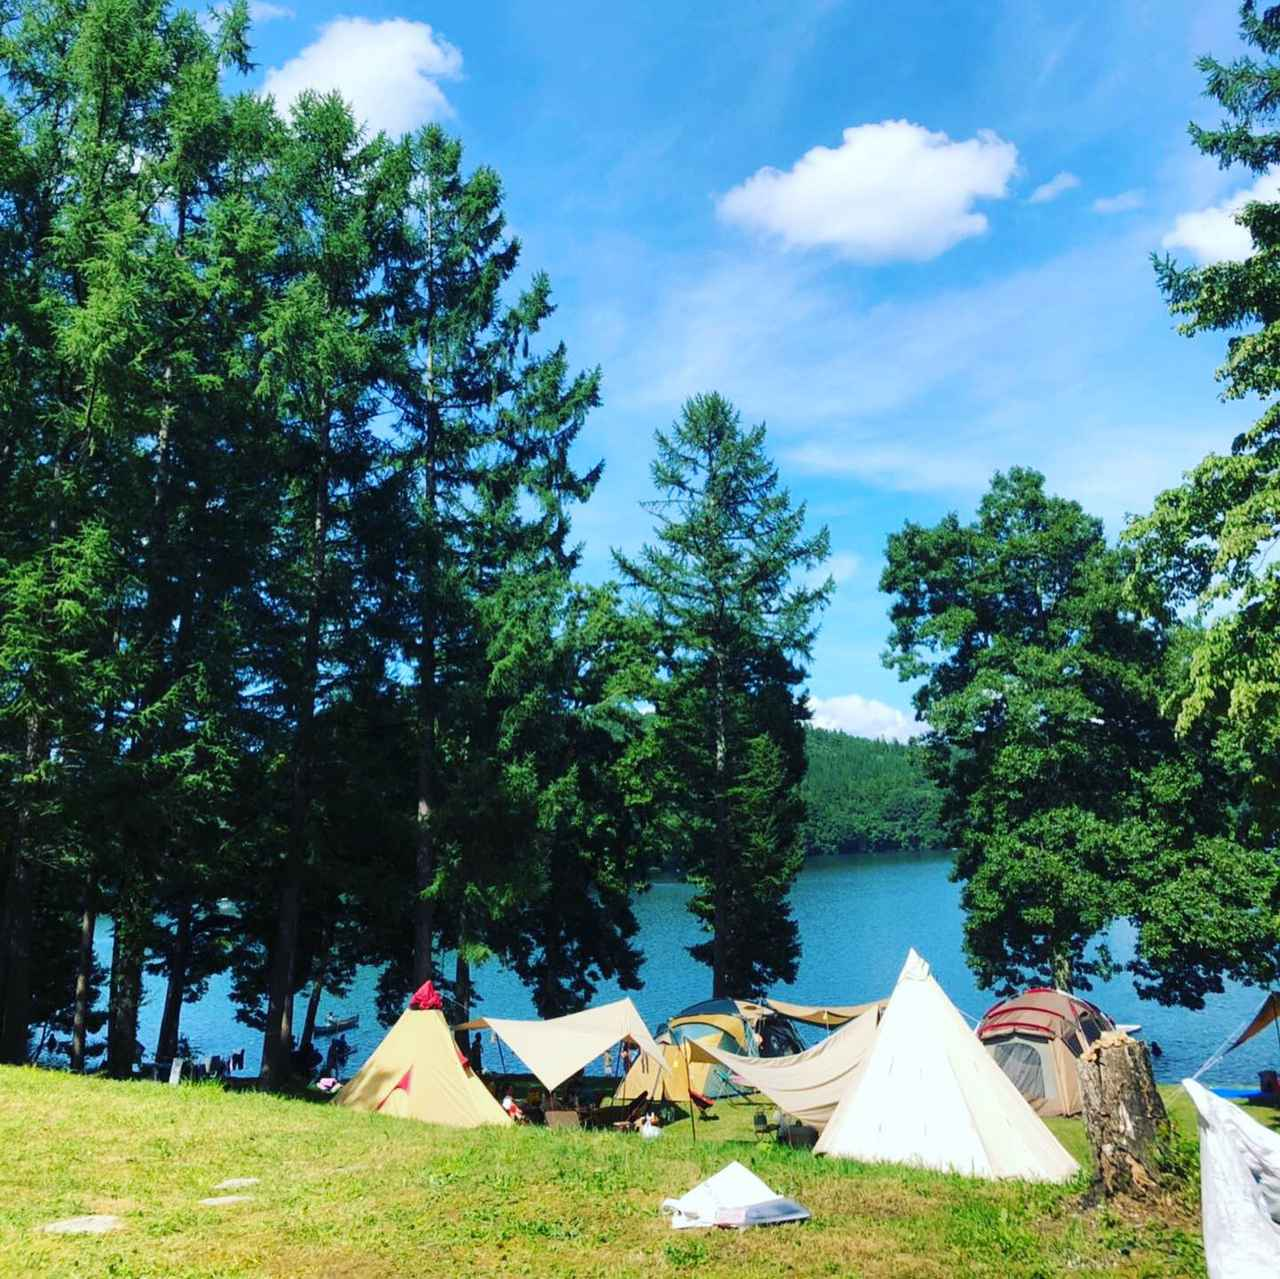 画像1: 【おすすめキャンプ場19】親子でSUP体験も!「ライジング・フィールド白馬」の透明度抜群の湖でキャンプ&アクティビティ